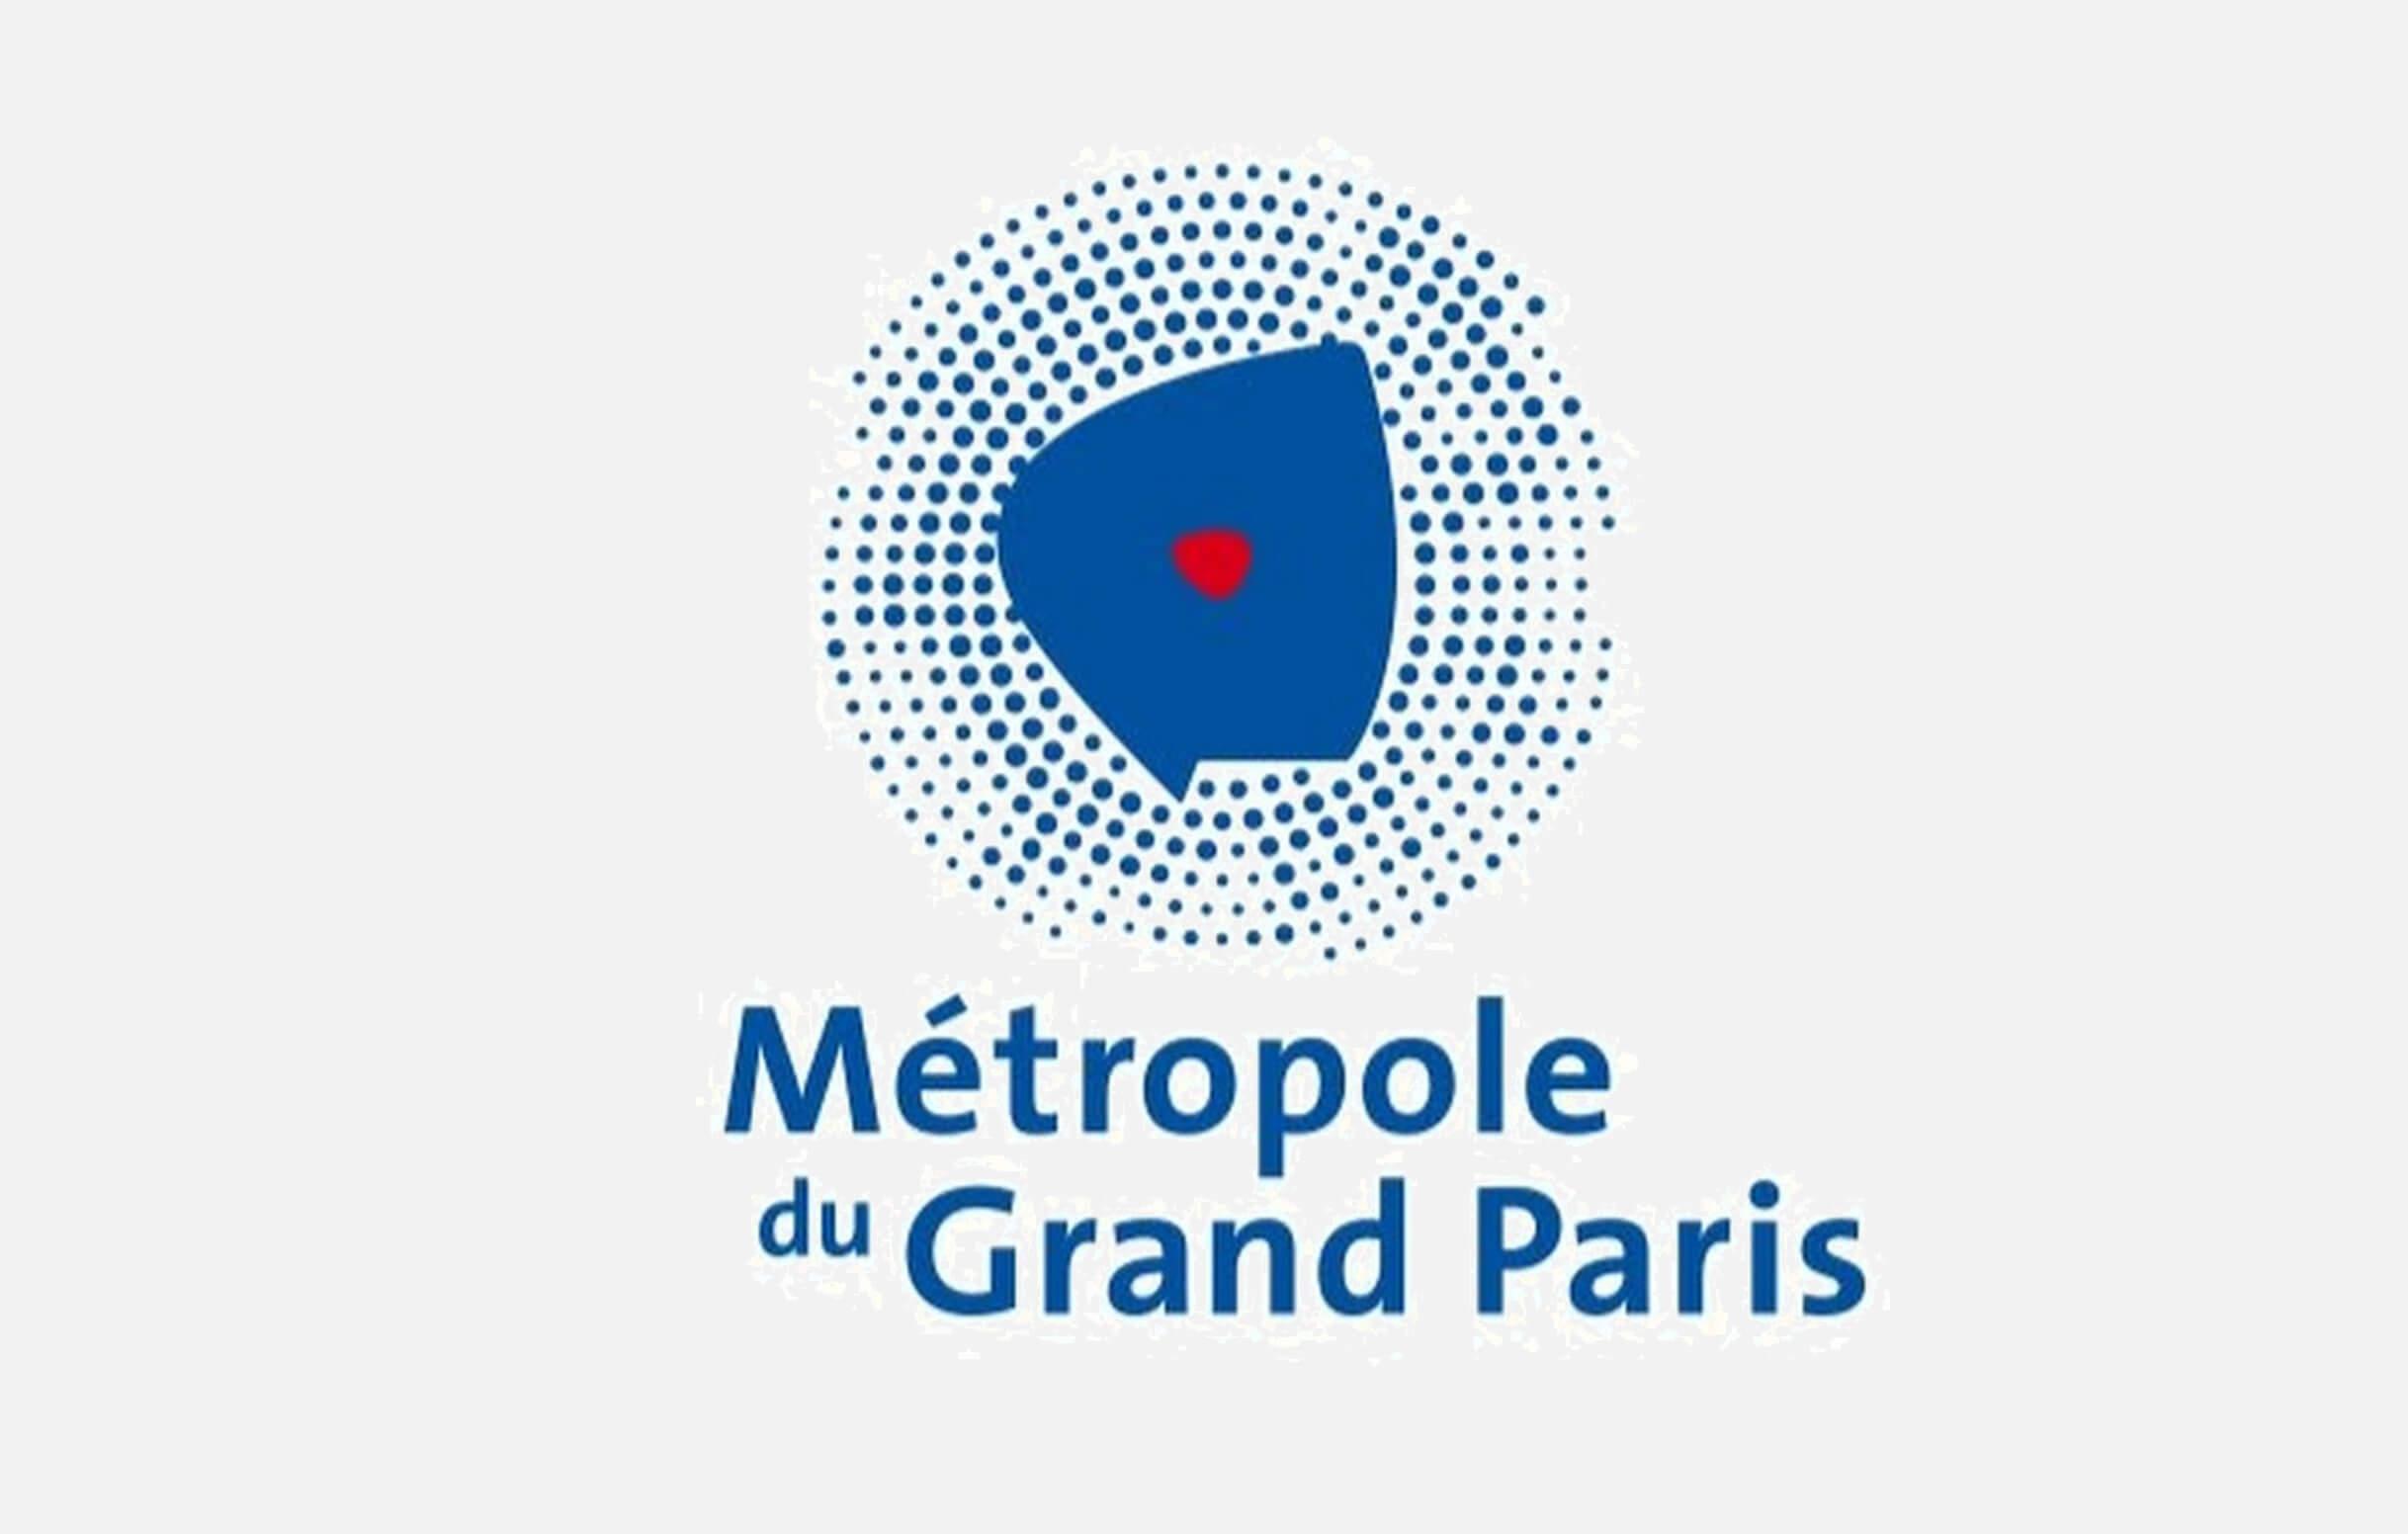 Métropole Grand paris